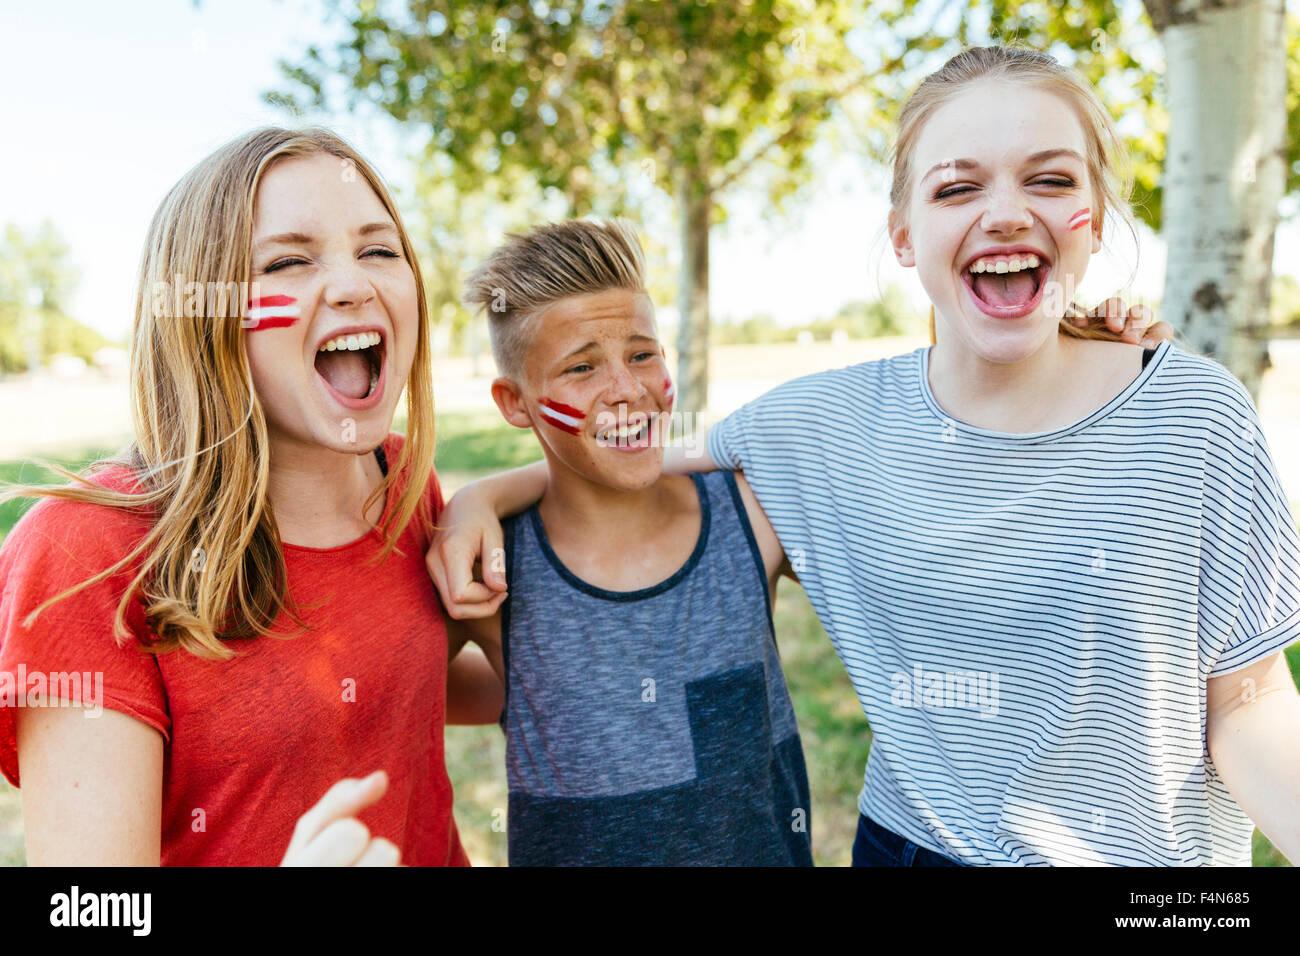 Austria, tres adolescentes con colores nacionales pintados en sus mejillas celebrando juntos Imagen De Stock